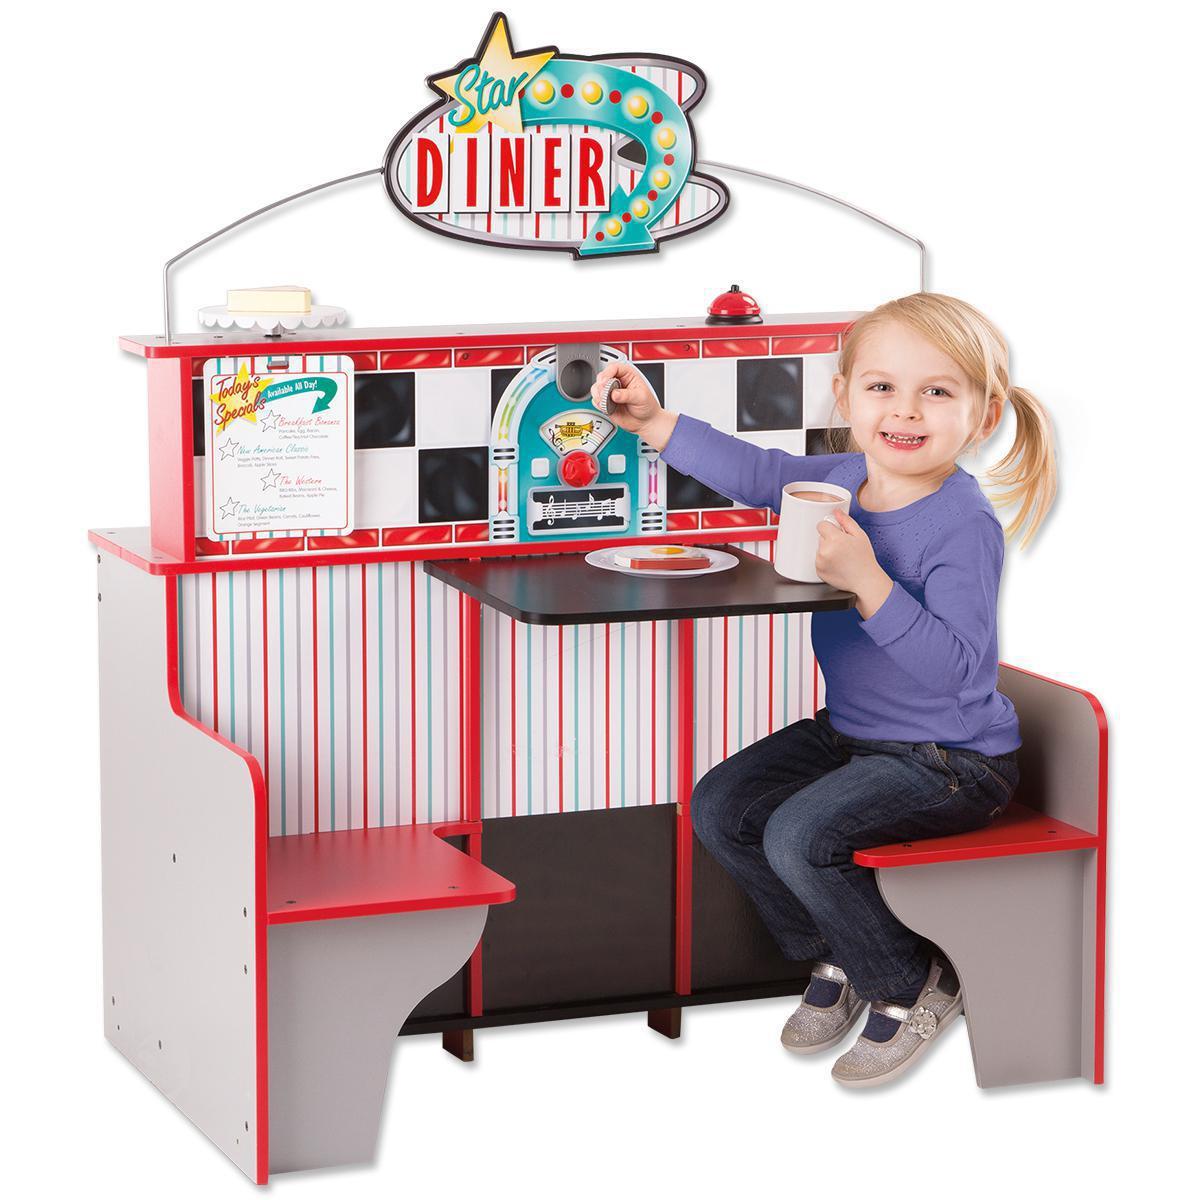 Star Diner Restaurant